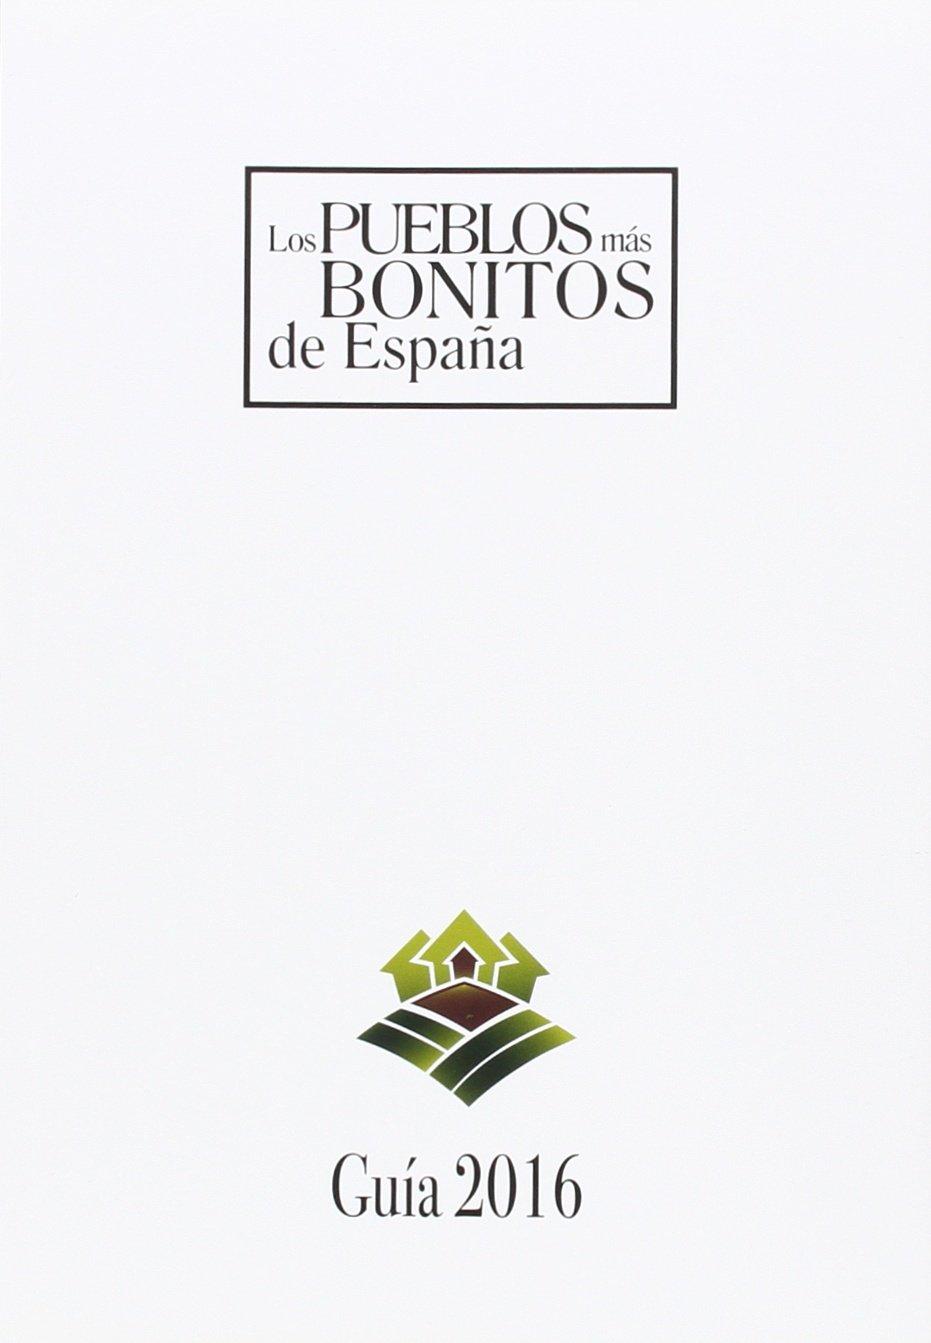 Pueblos más bonitos de España, Los - Guía 2016: Amazon.es: Aa.Vv.: Libros